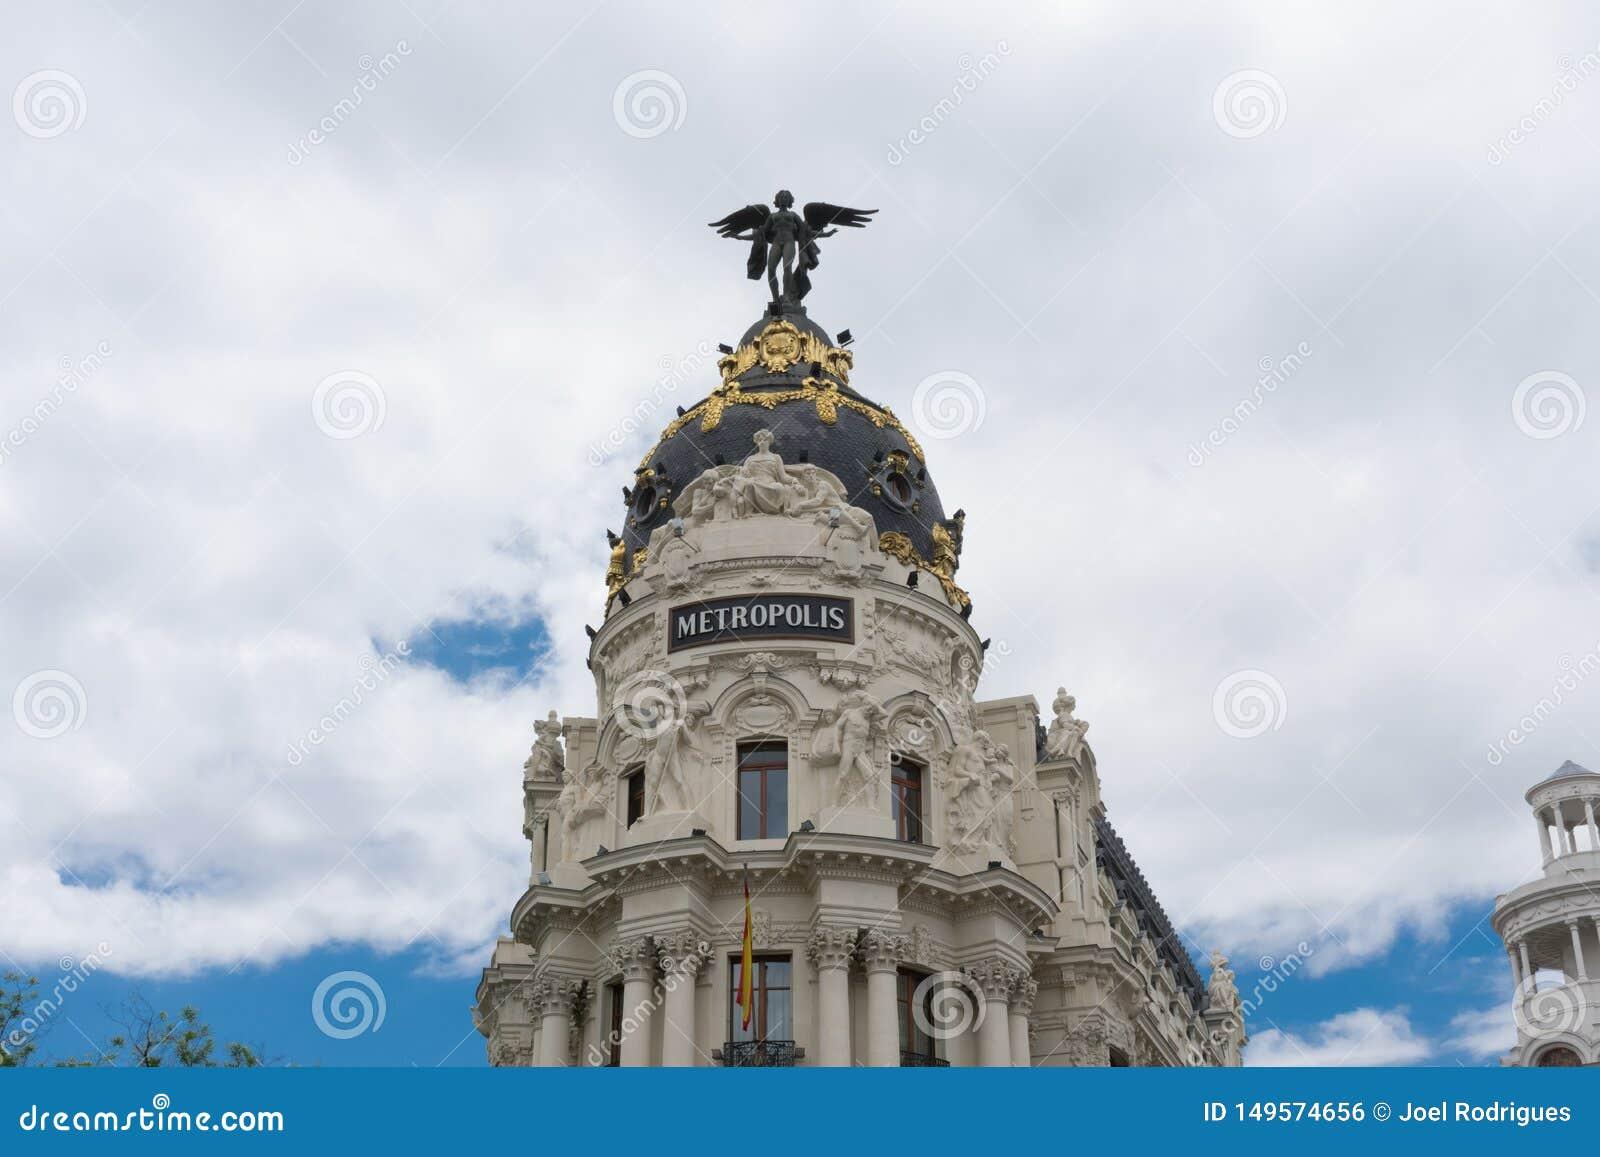 Edificio cubierto con una cúpula con la estatua del ángel, metrópoli en Madrid